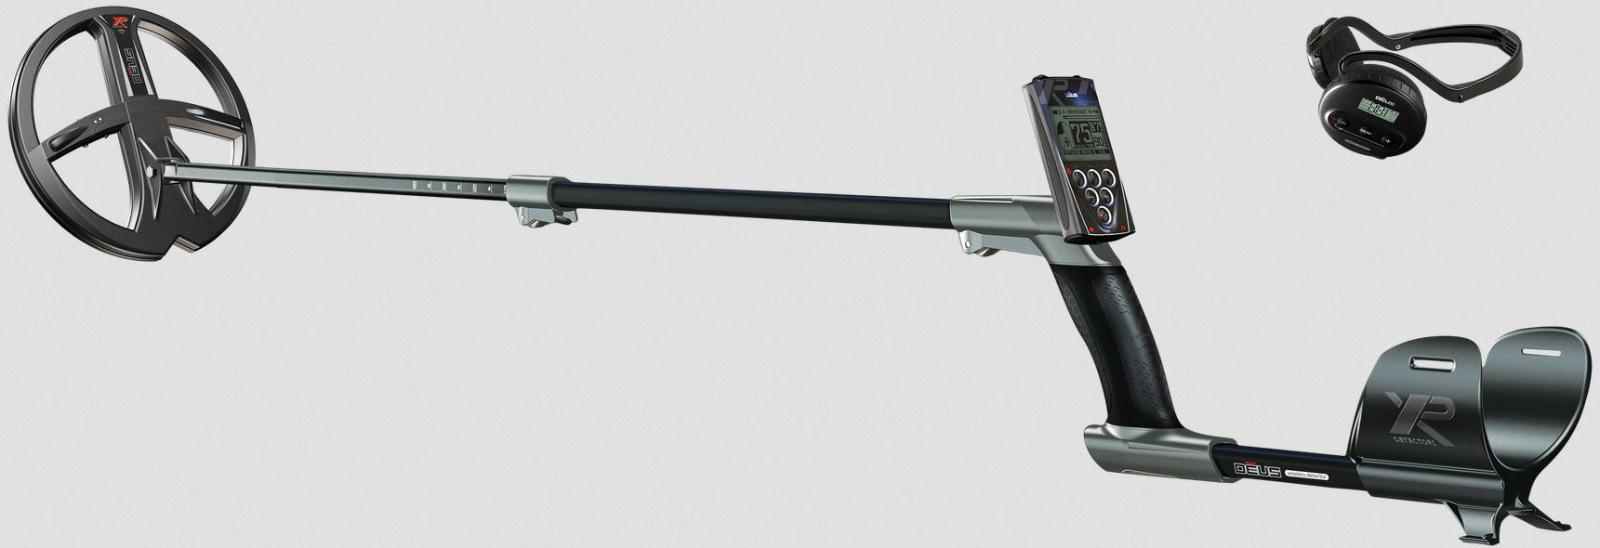 XP DEUS Metal Detector with WS4 Headphones + Contr